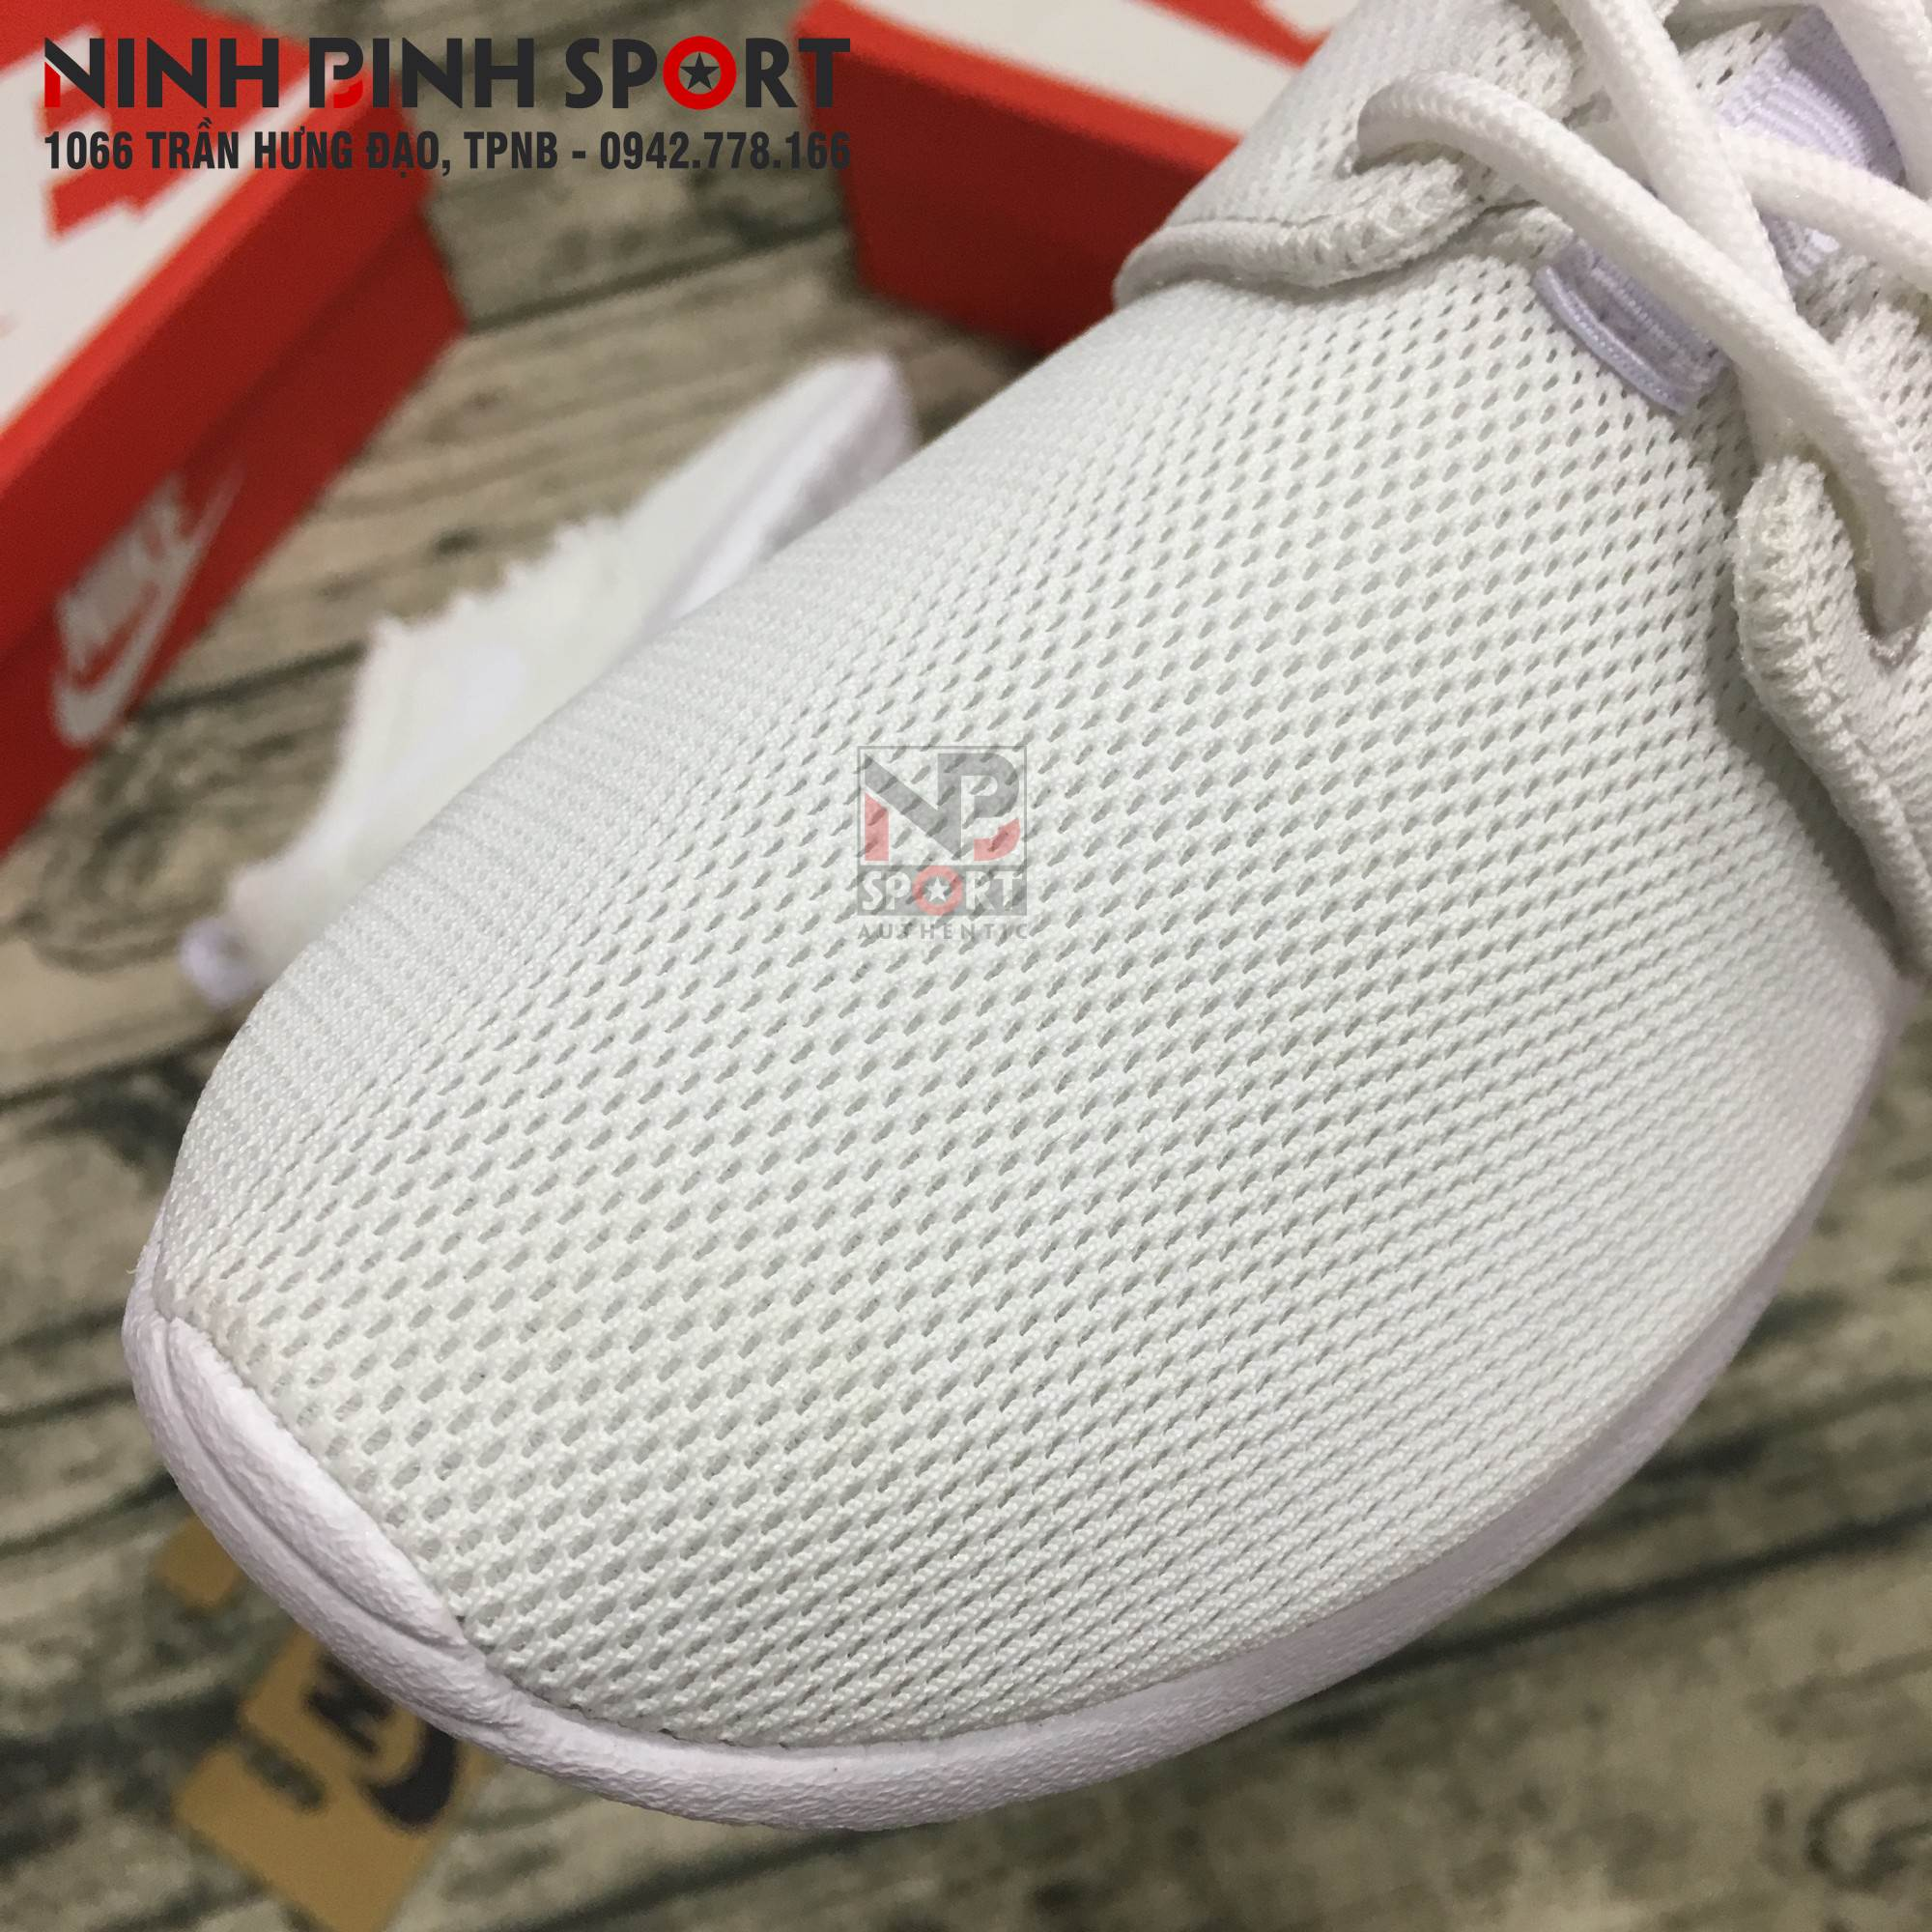 Giày thể thao nữ Nike Roshe Run 844994-100